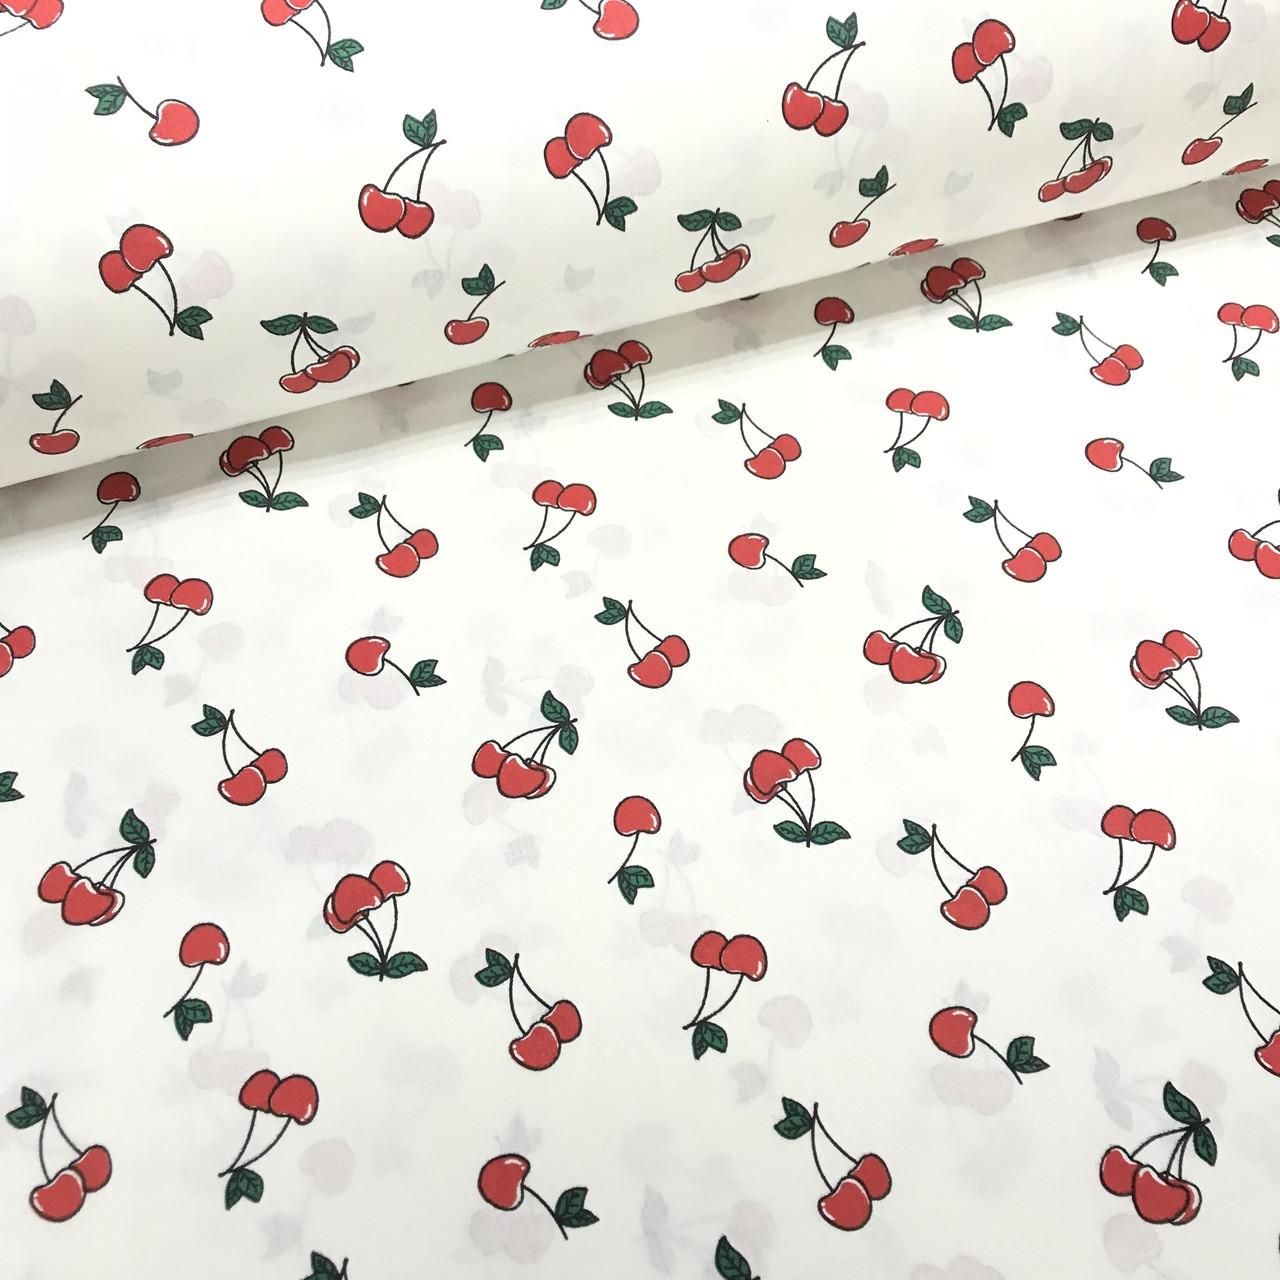 Ткань поплин вишни красные на белом (ТУРЦИЯ шир. 2,4 м)